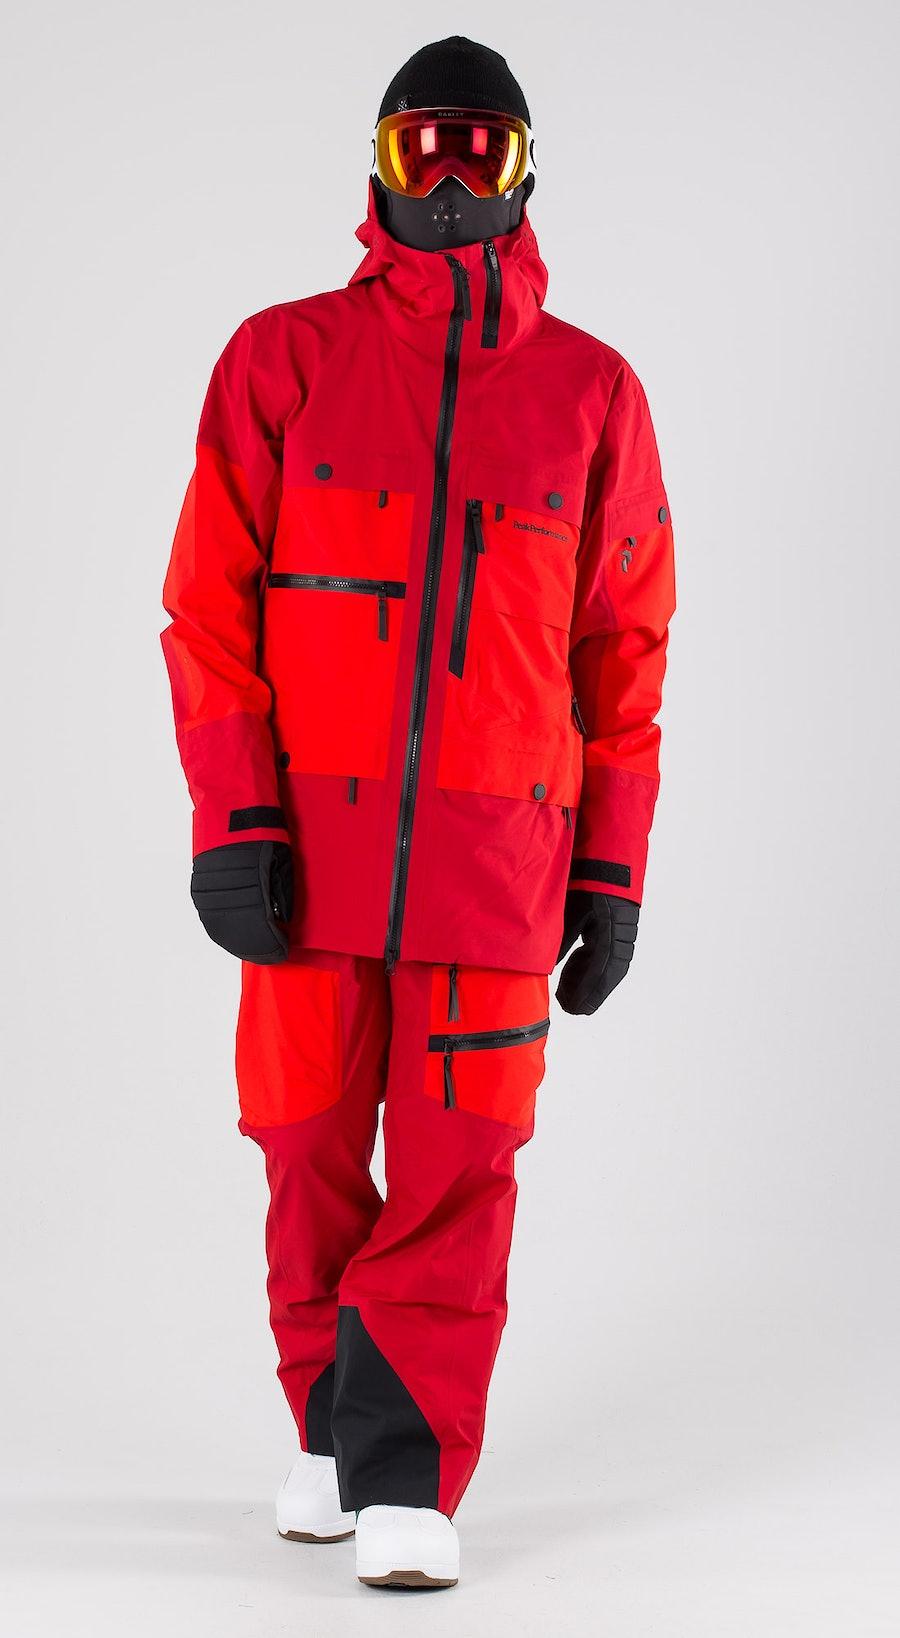 Peak Performance Vertical Dark Chilli Snowboardkläder Multi